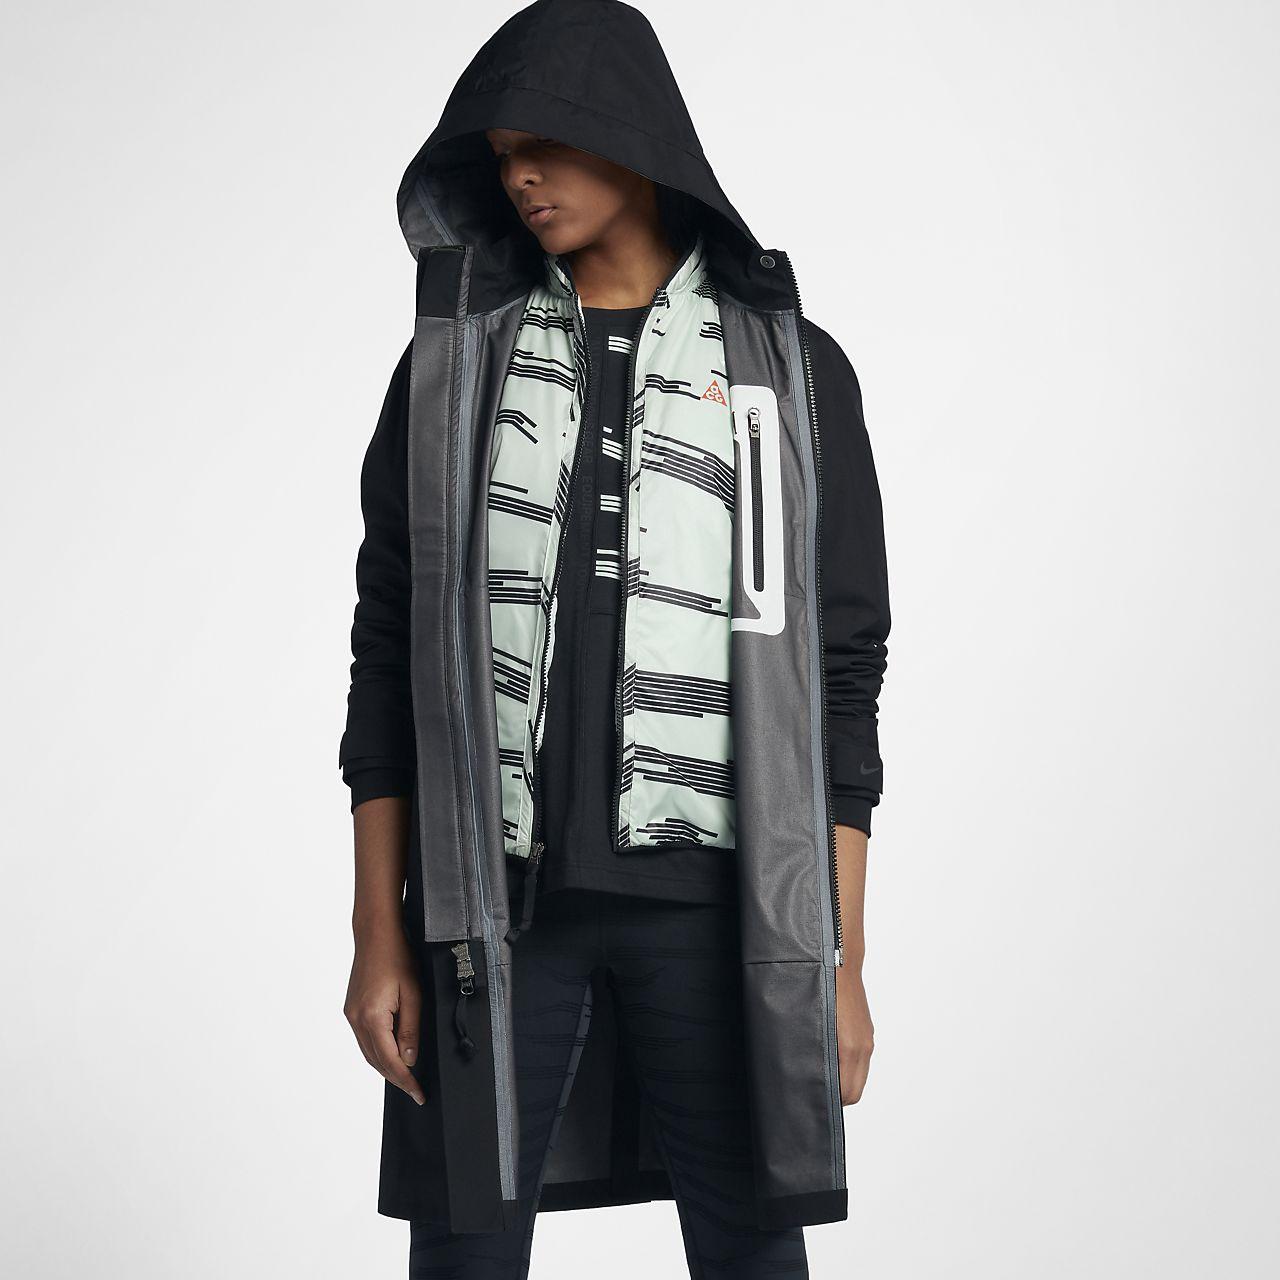 เสื้อโค้ทผู้หญิง NikeLab ACG 3-in-1 System